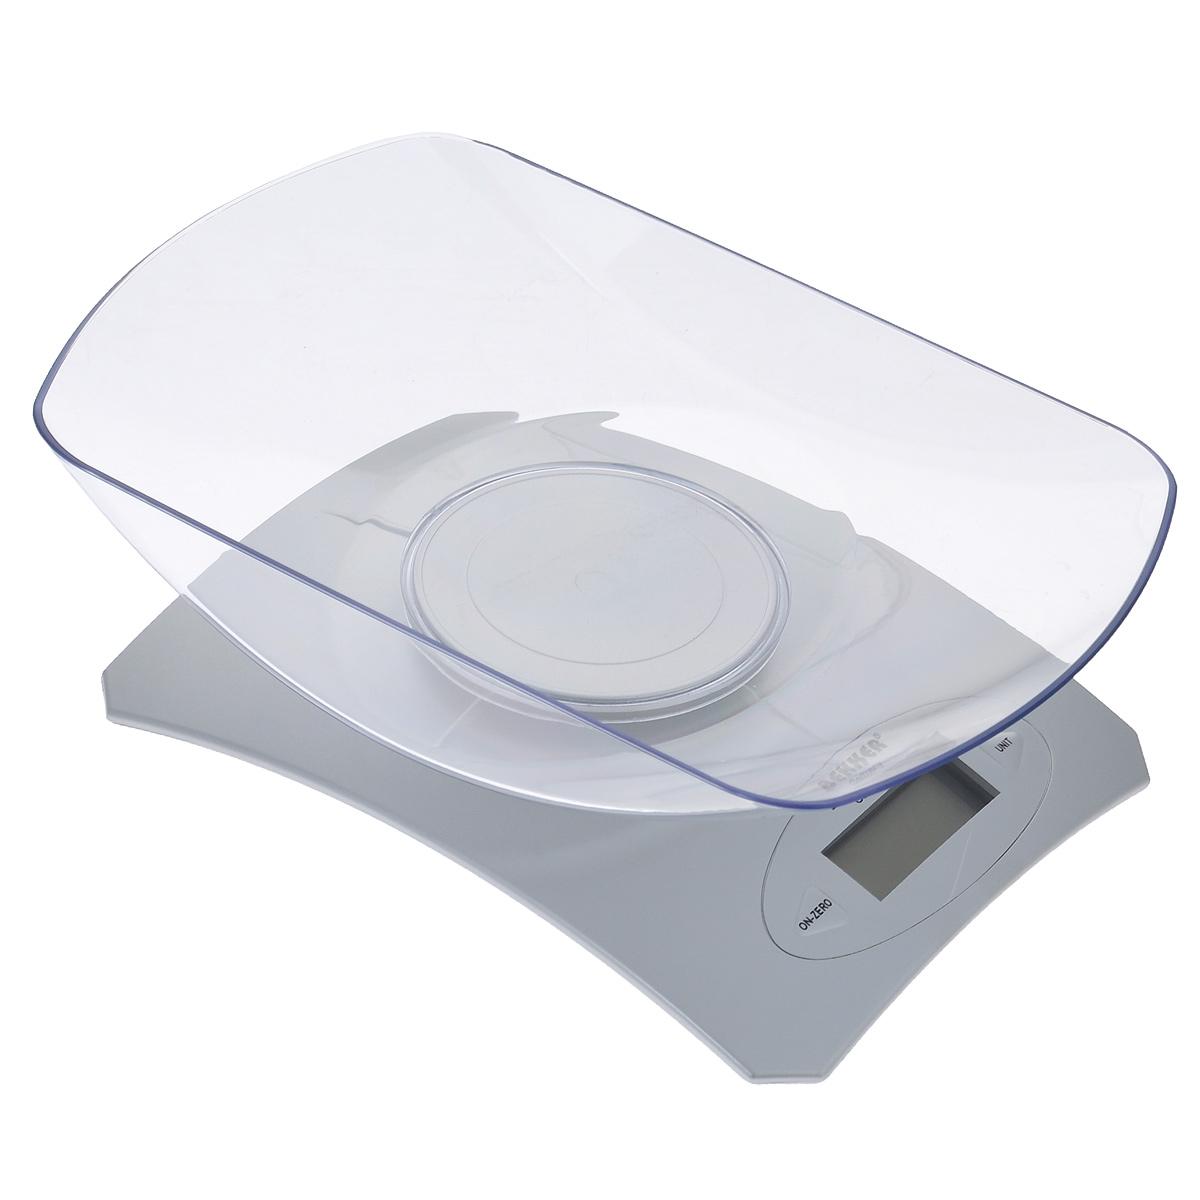 Весы кухонные Bekker, электронные, до 5 кгBK-9103Электронные кухонные весы Bekker придутся по душе каждой хозяйке и станут незаменимым аксессуаром на кухне. Корпус весов выполнен из пластика с цифровым ЖК-дисплеем. Весы выдерживают до 5 килограмм и оснащены высокоточной сенсорной измерительной системой и функцией дополнительного взвешивания. С помощью таких электронных весов можно точно контролировать пропорции ингредиентов.УВАЖАЕМЫЕ КЛИЕНТЫ!Обращаем ваше внимание, что весы работают от одной литиевой батарейки CR2032 напряжением 3V (входит в комплект). Объем чаши: 1300 мл.